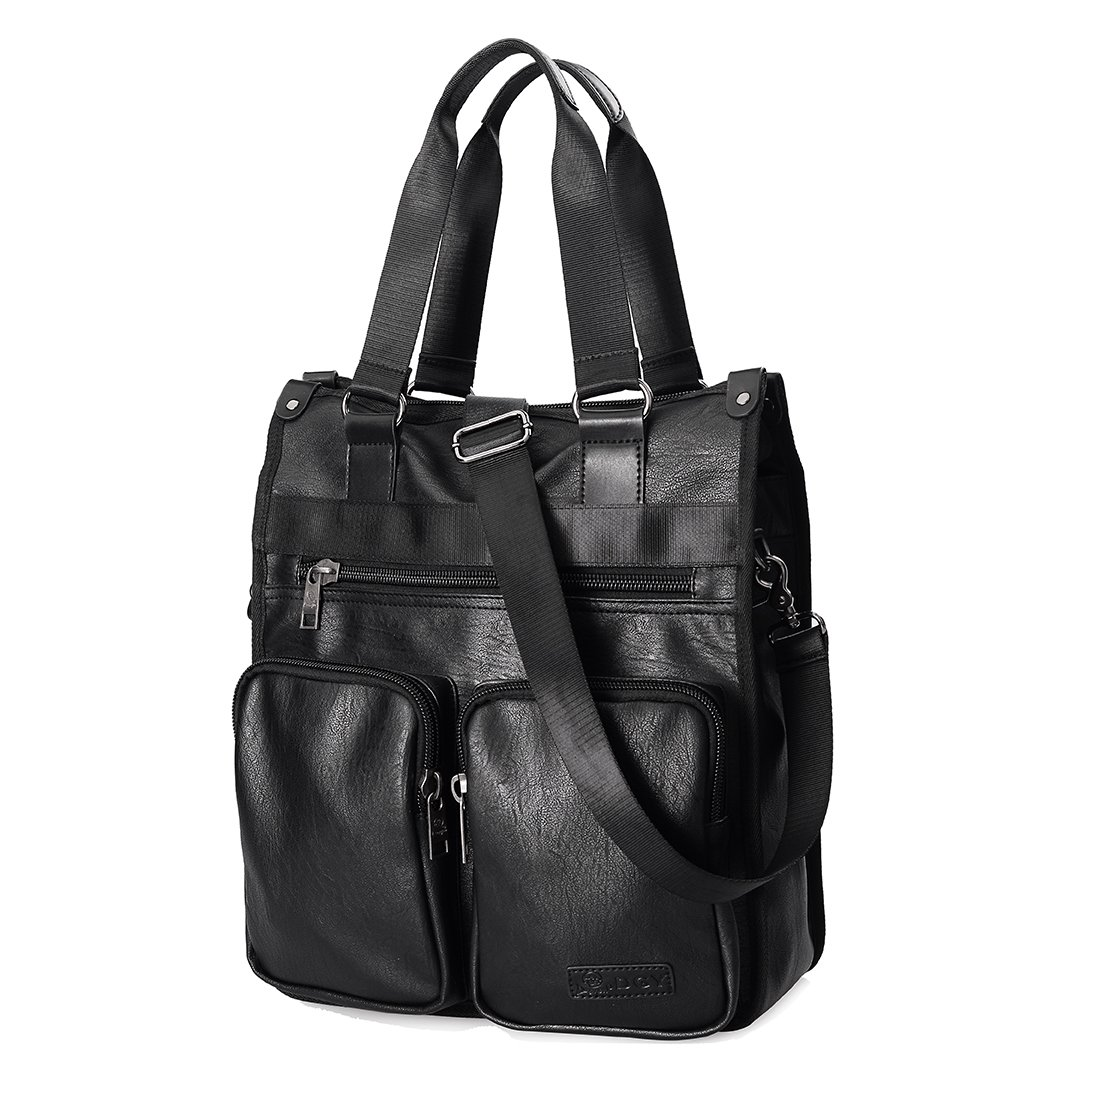 Douguyan Leather Business Handbag Briefcase Shoulder Messenger Bag for Men